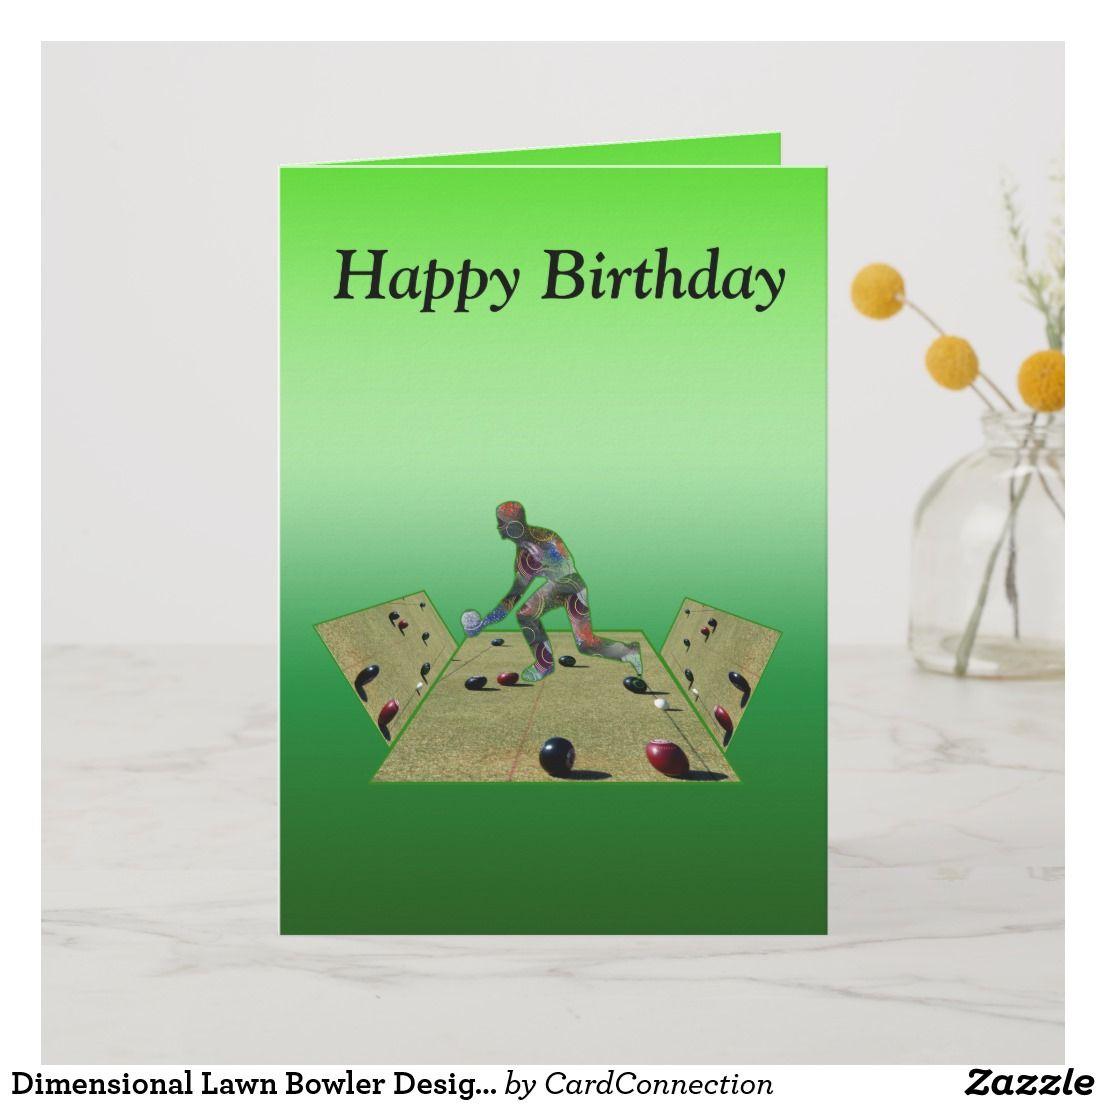 Dimensional Lawn Bowler Design Birthday Card Card Zazzle Com Au Birthday Cards Personalised Blankets Bowl Designs